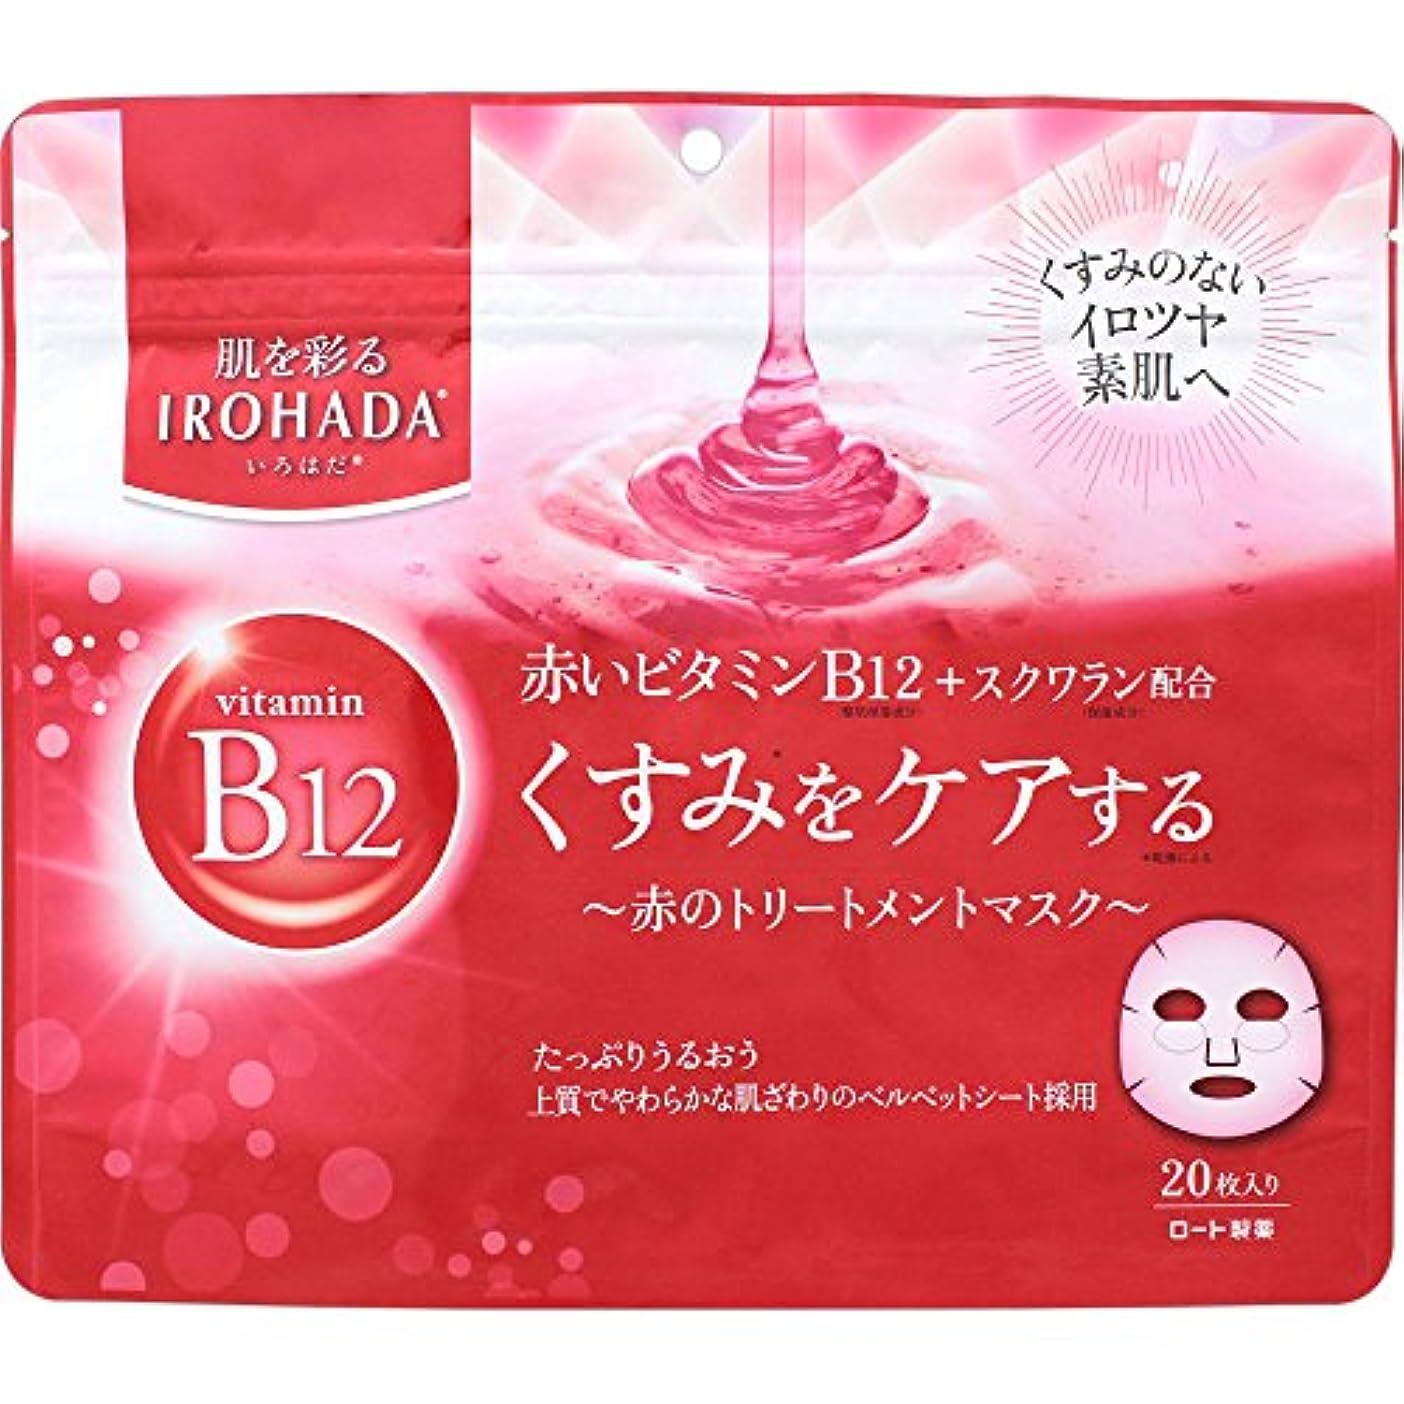 航空機液体ミュウミュウロート製薬 いろはだ (IROHADA) 赤いビタミンB12×スクワラン配合 トリートメントマスク 20枚入り